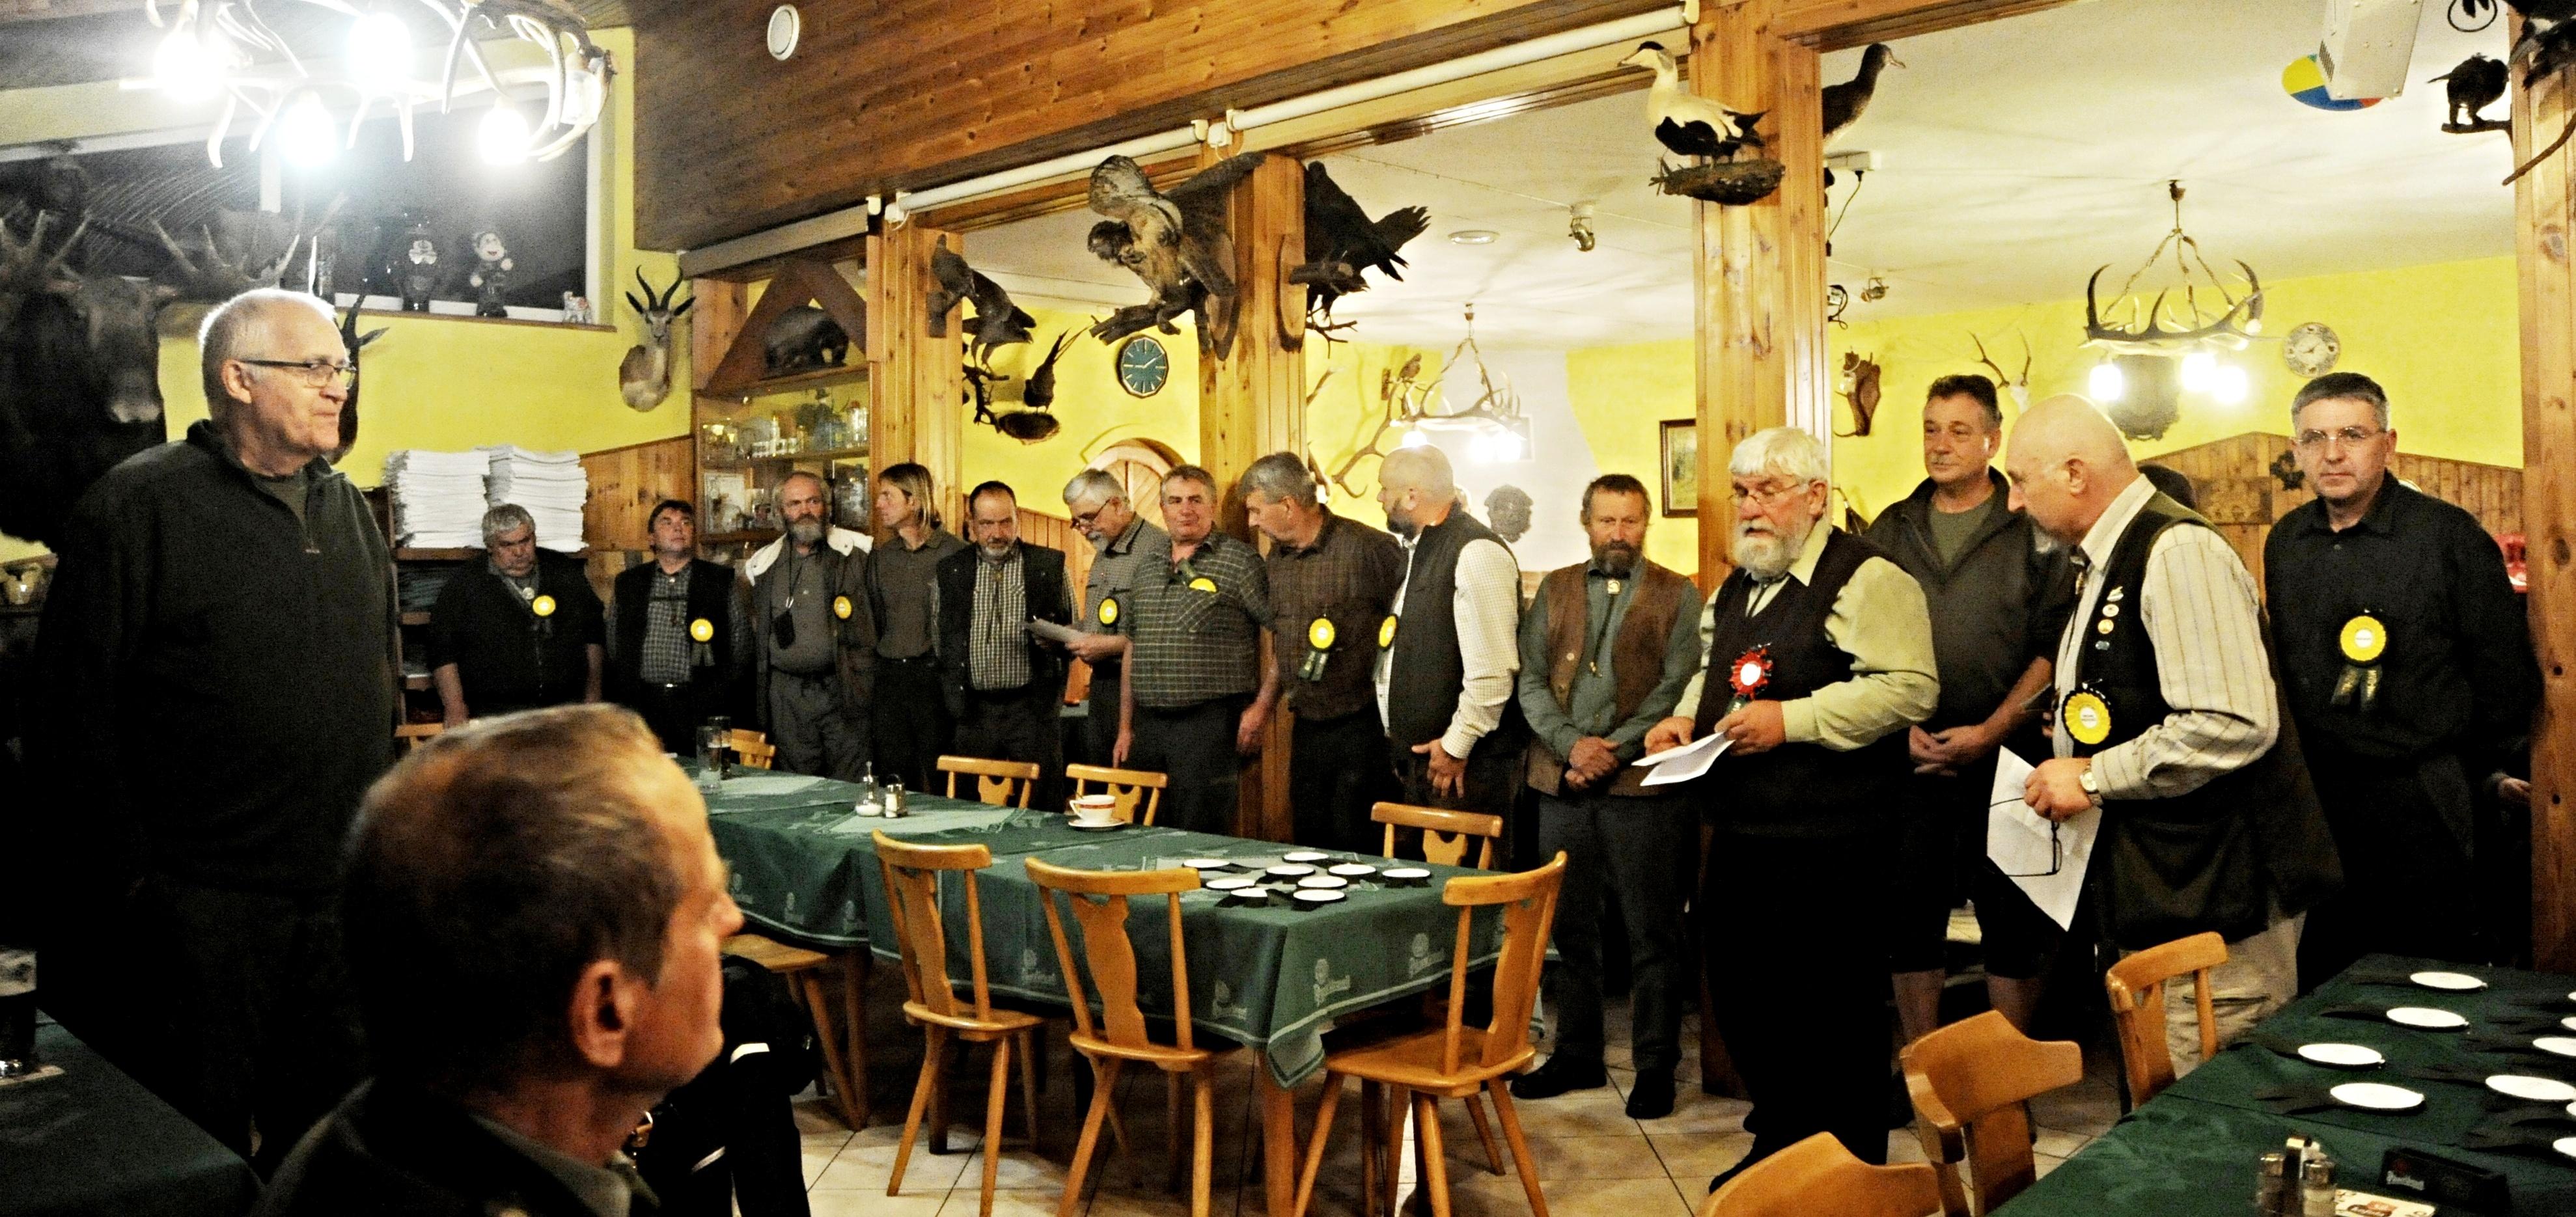 Schůze členů KDO ve spádových oblastech 2019